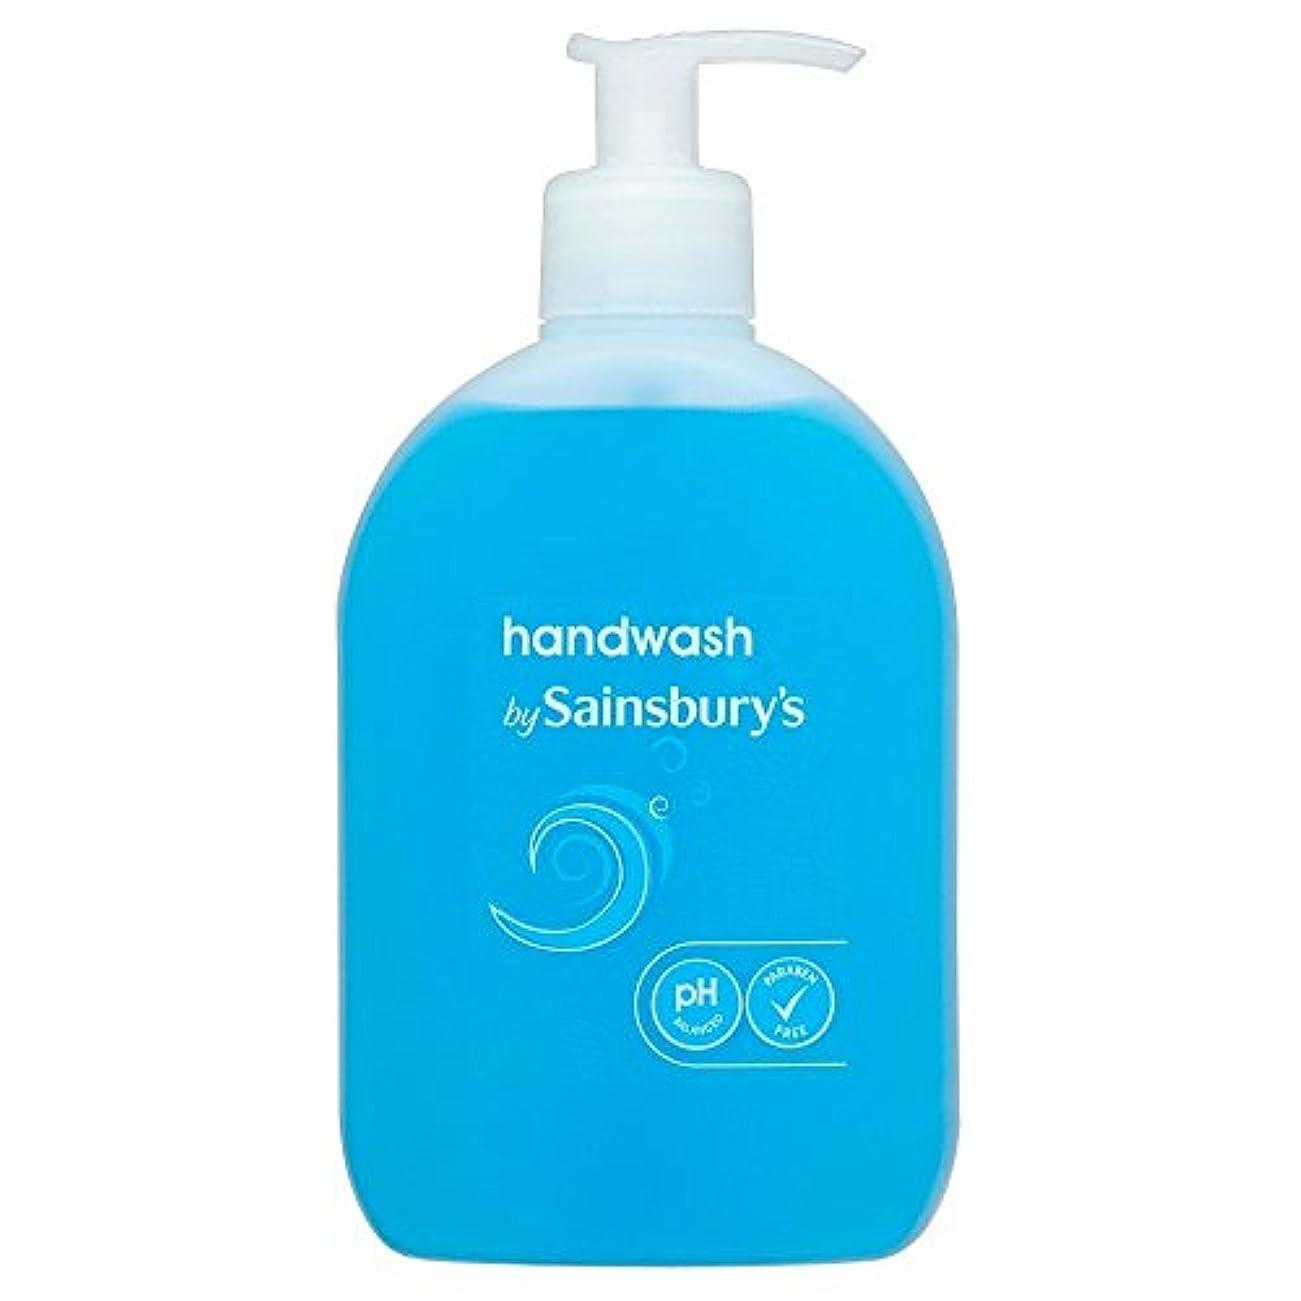 後石炭電話に出るSainsbury's Handwash, Blue 500ml (Pack of 2) - (Sainsbury's) 手洗い、青500ミリリットル (x2) [並行輸入品]